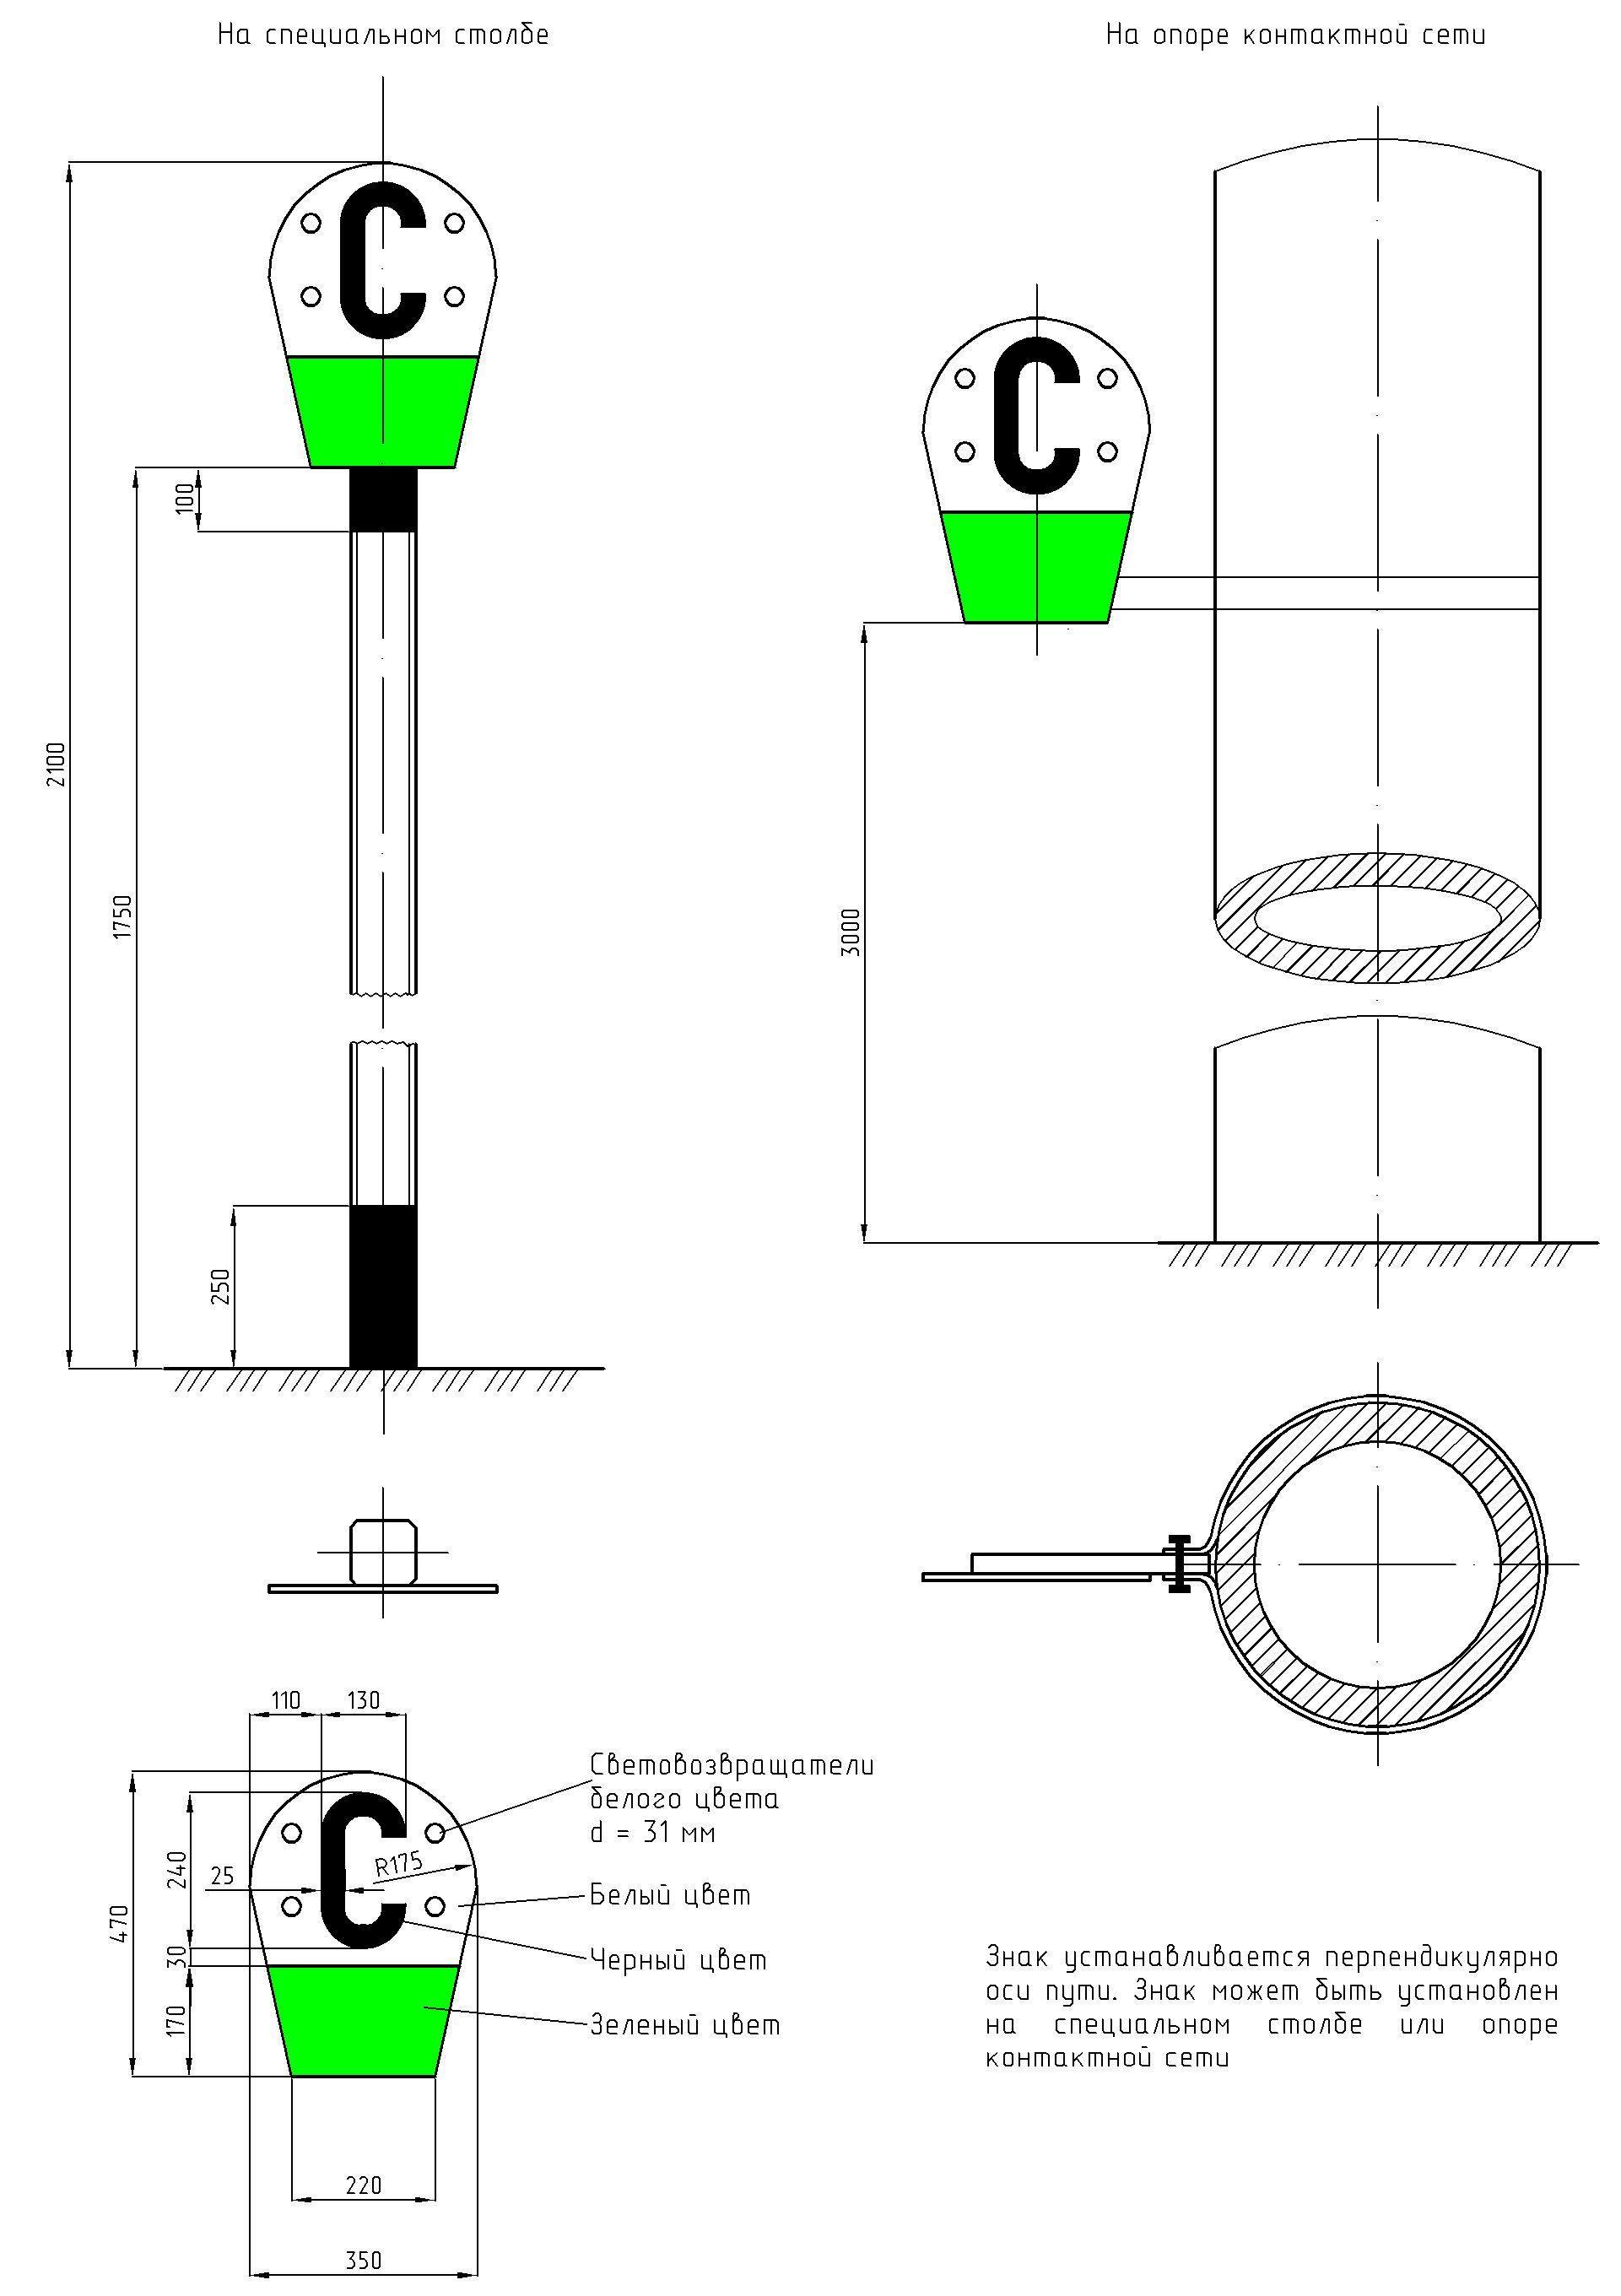 Рисунок 26. Постоянный предупредительный сигнальный знак «С» о подаче свистка